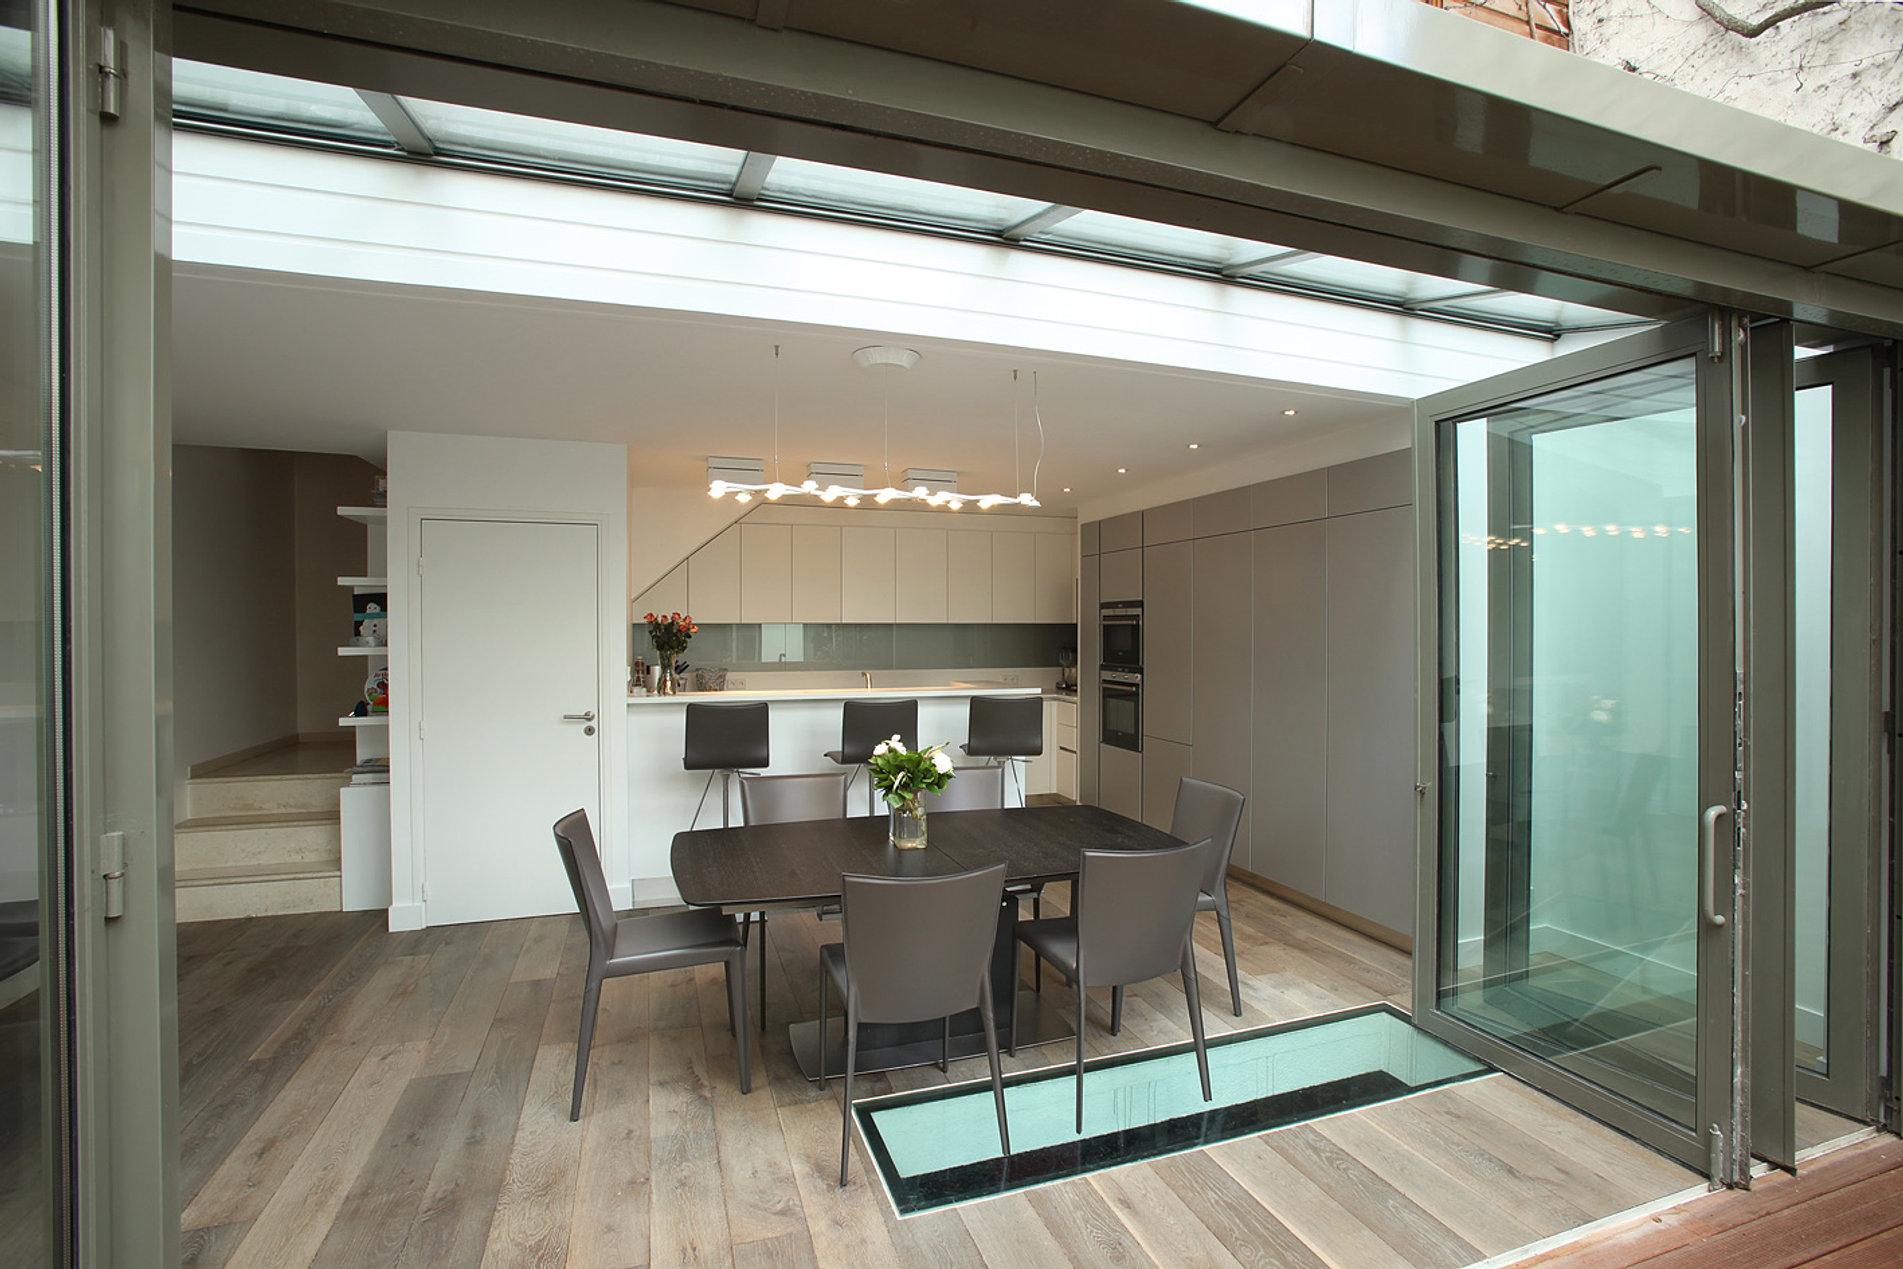 miroiterie vitrerie fenetre alarme boulogne paris 92 ile de france. Black Bedroom Furniture Sets. Home Design Ideas